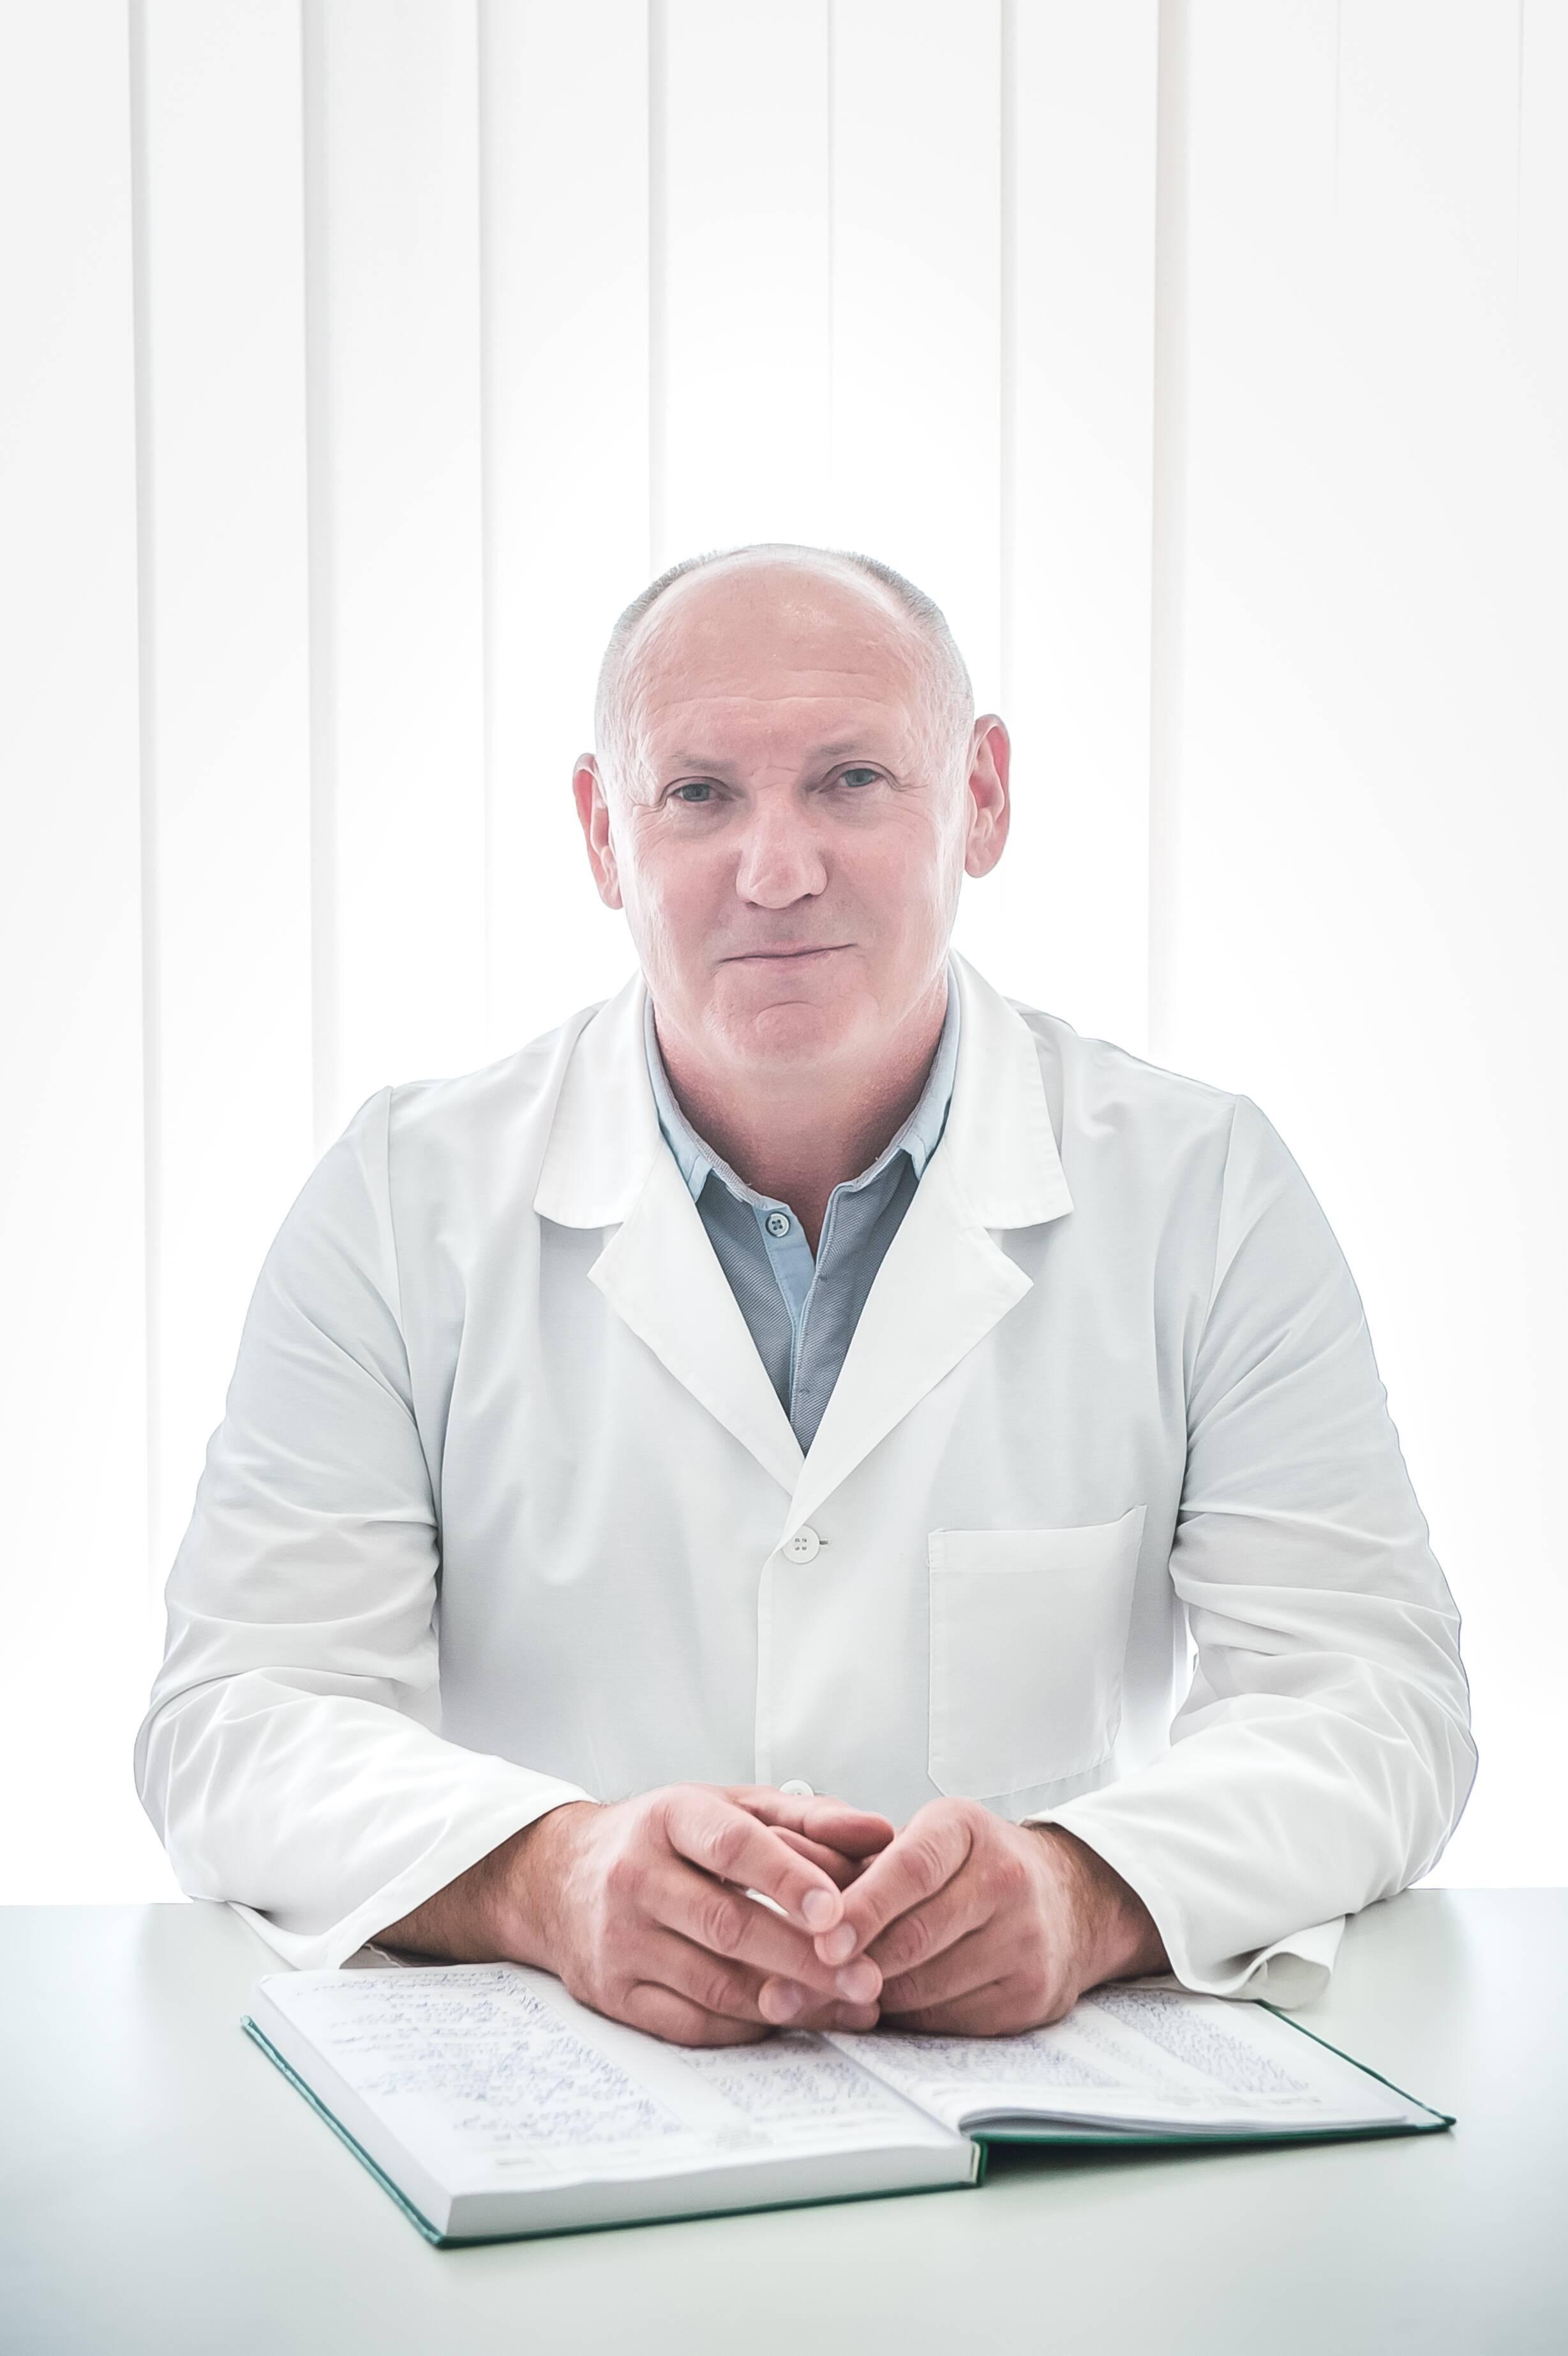 лікар Зелений Володимир Петрович: опис, відгуки, послуги, рейтинг, записатися онлайн на сайті h24.ua